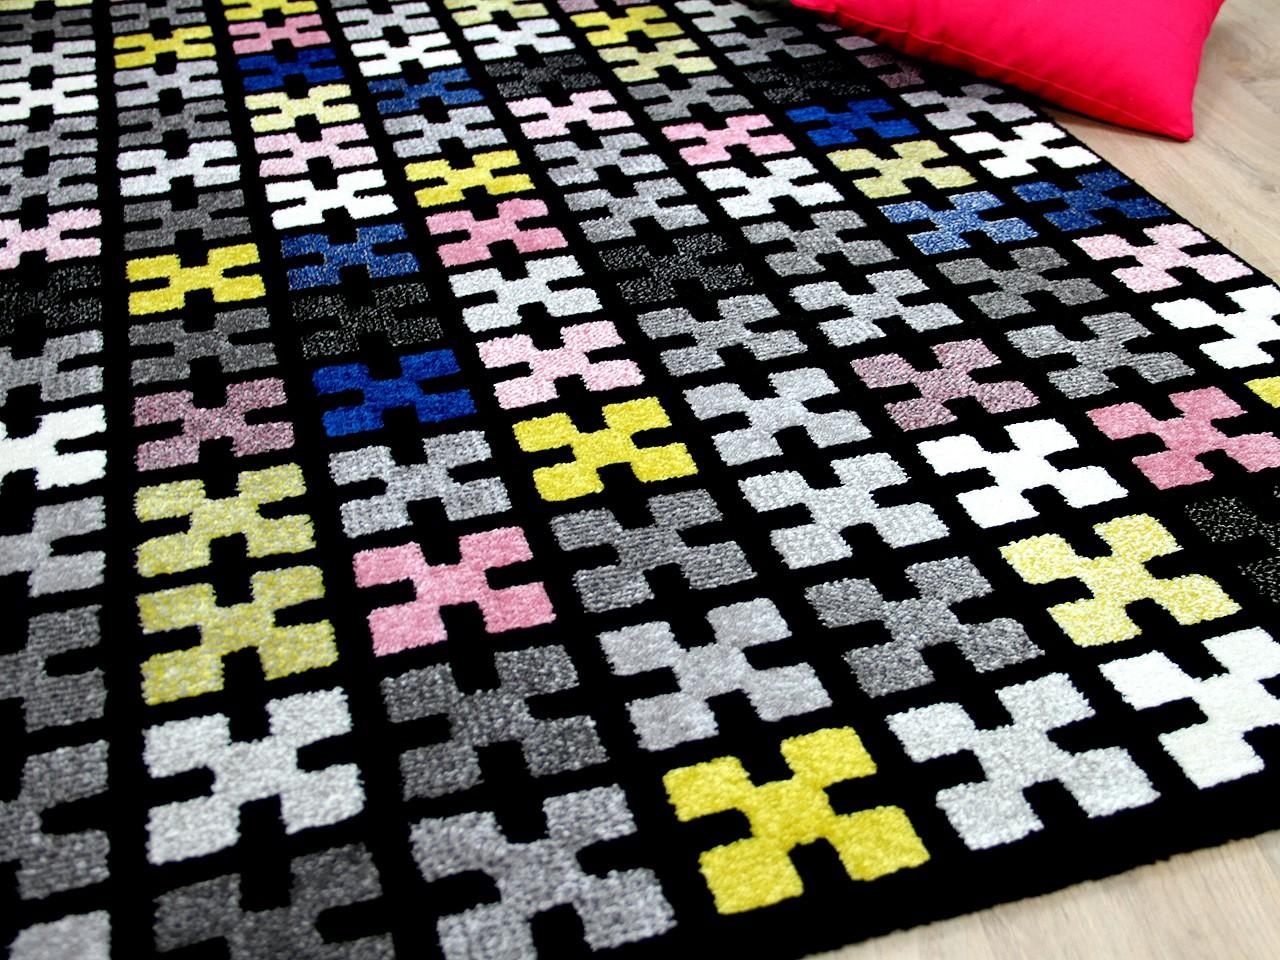 designer teppich sevilla modern schwarz bunt pixel. Black Bedroom Furniture Sets. Home Design Ideas